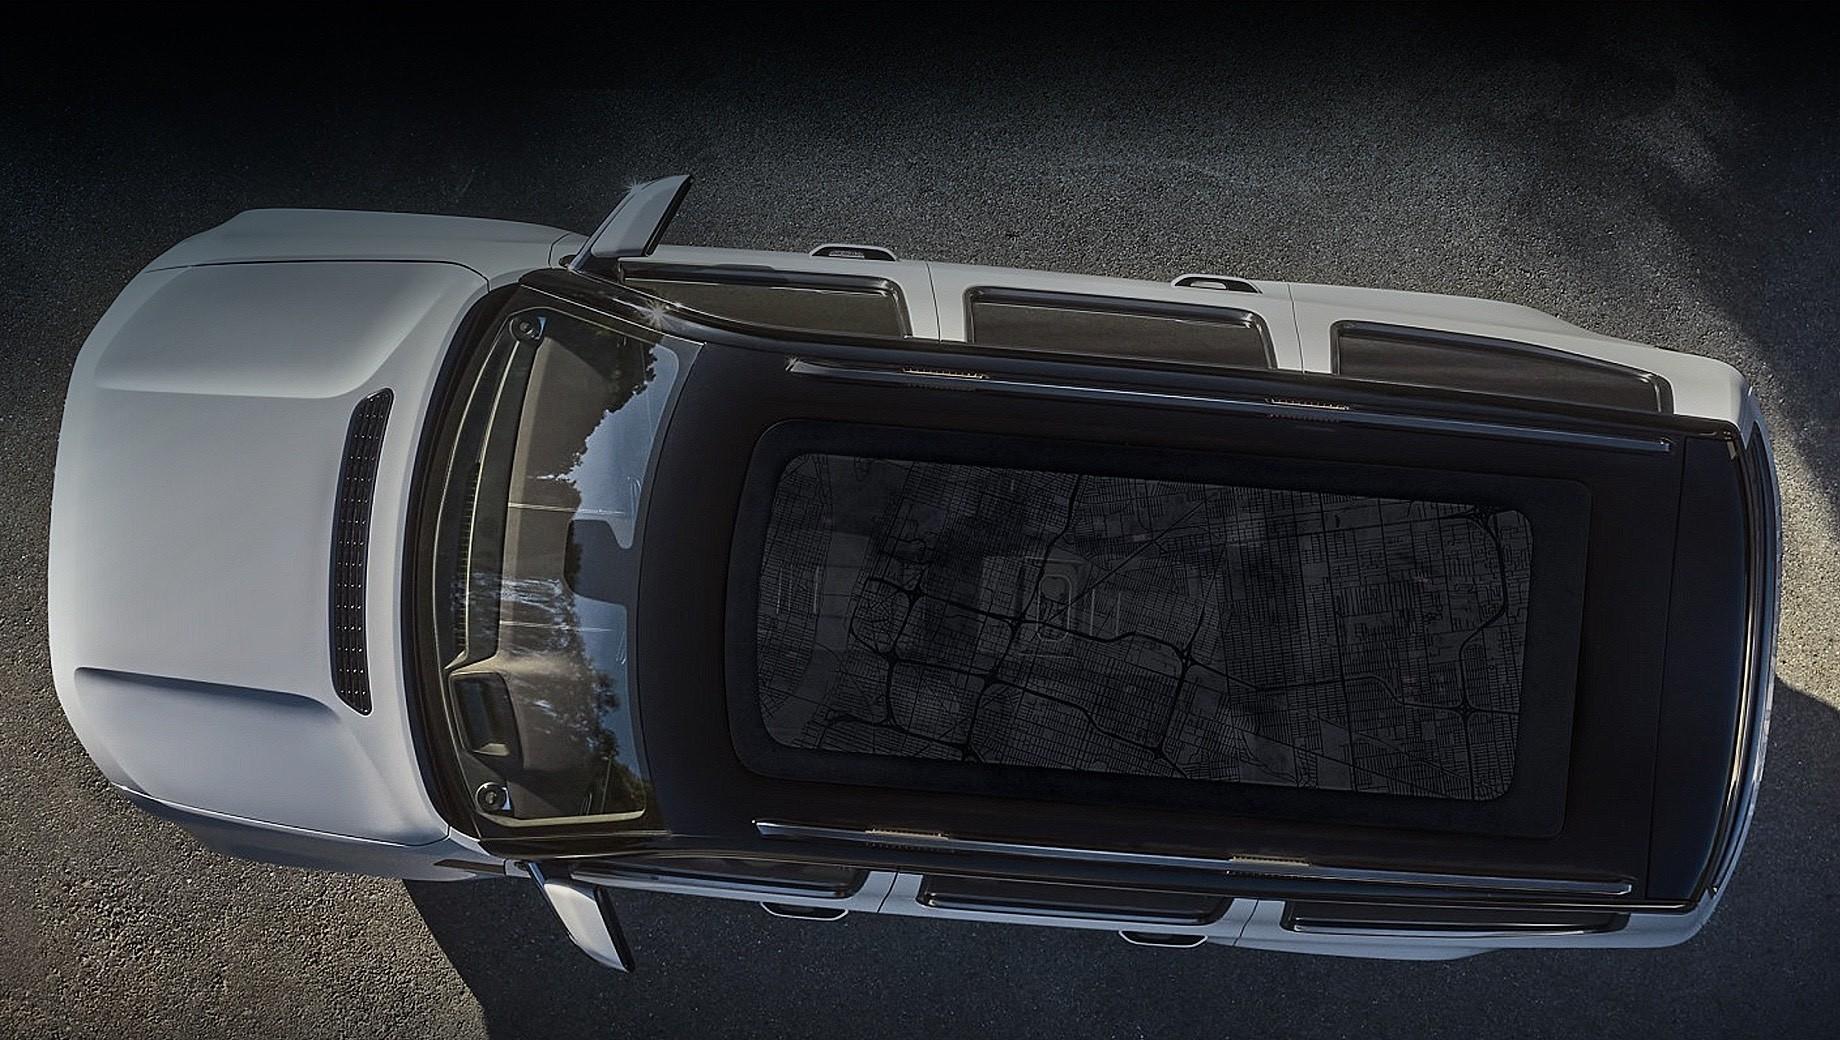 Jeep grand wagoneer,Chrysler 300. С этого ракурса видны огромная панорамная крыша внедорожника Jeep Grand Wagoneer (аж до третьего ряда простирается), рельефный капот, раздутые крылья и проектор показаний на лобовое стекло.